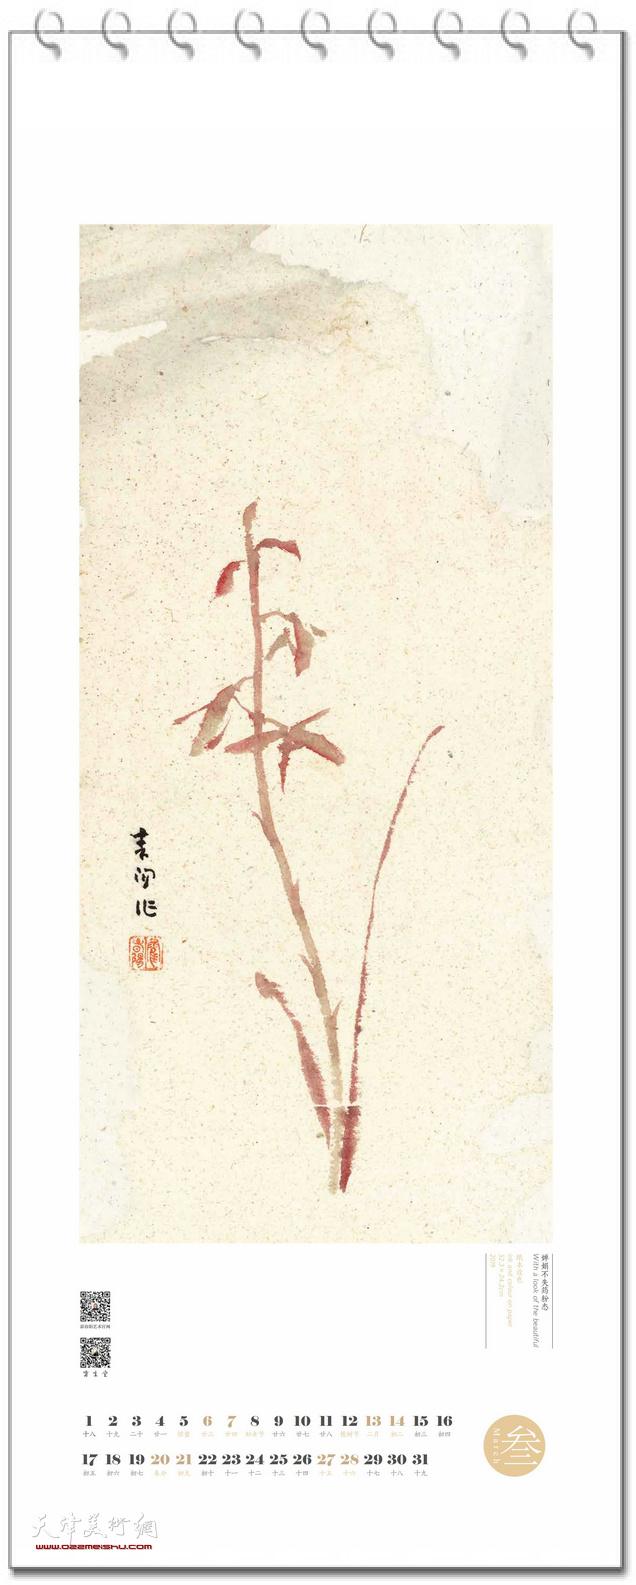 只见其清,方见竹品——霍春阳2021农历辛丑年吉祥如意年历 三月